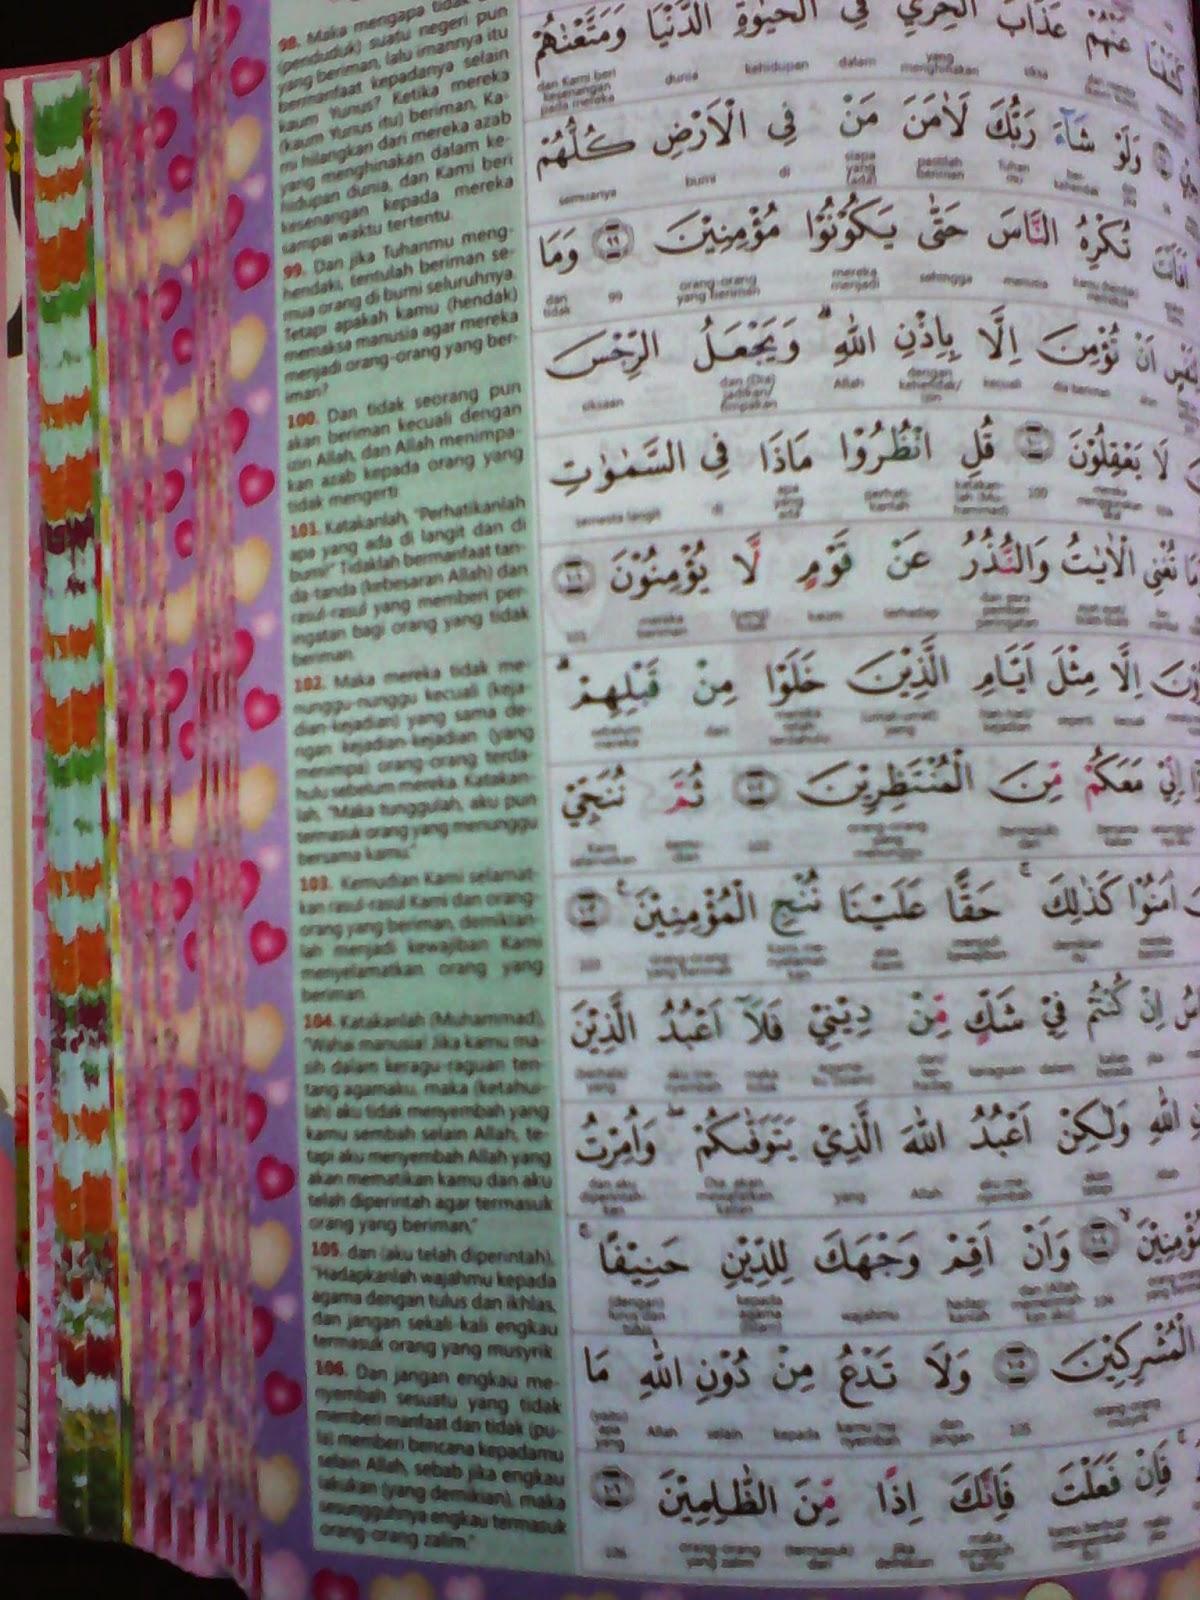 al quran terjemah perkata dan tajwid, al quran terjemah perkata, al quran tajwid, al quran dan tajwid